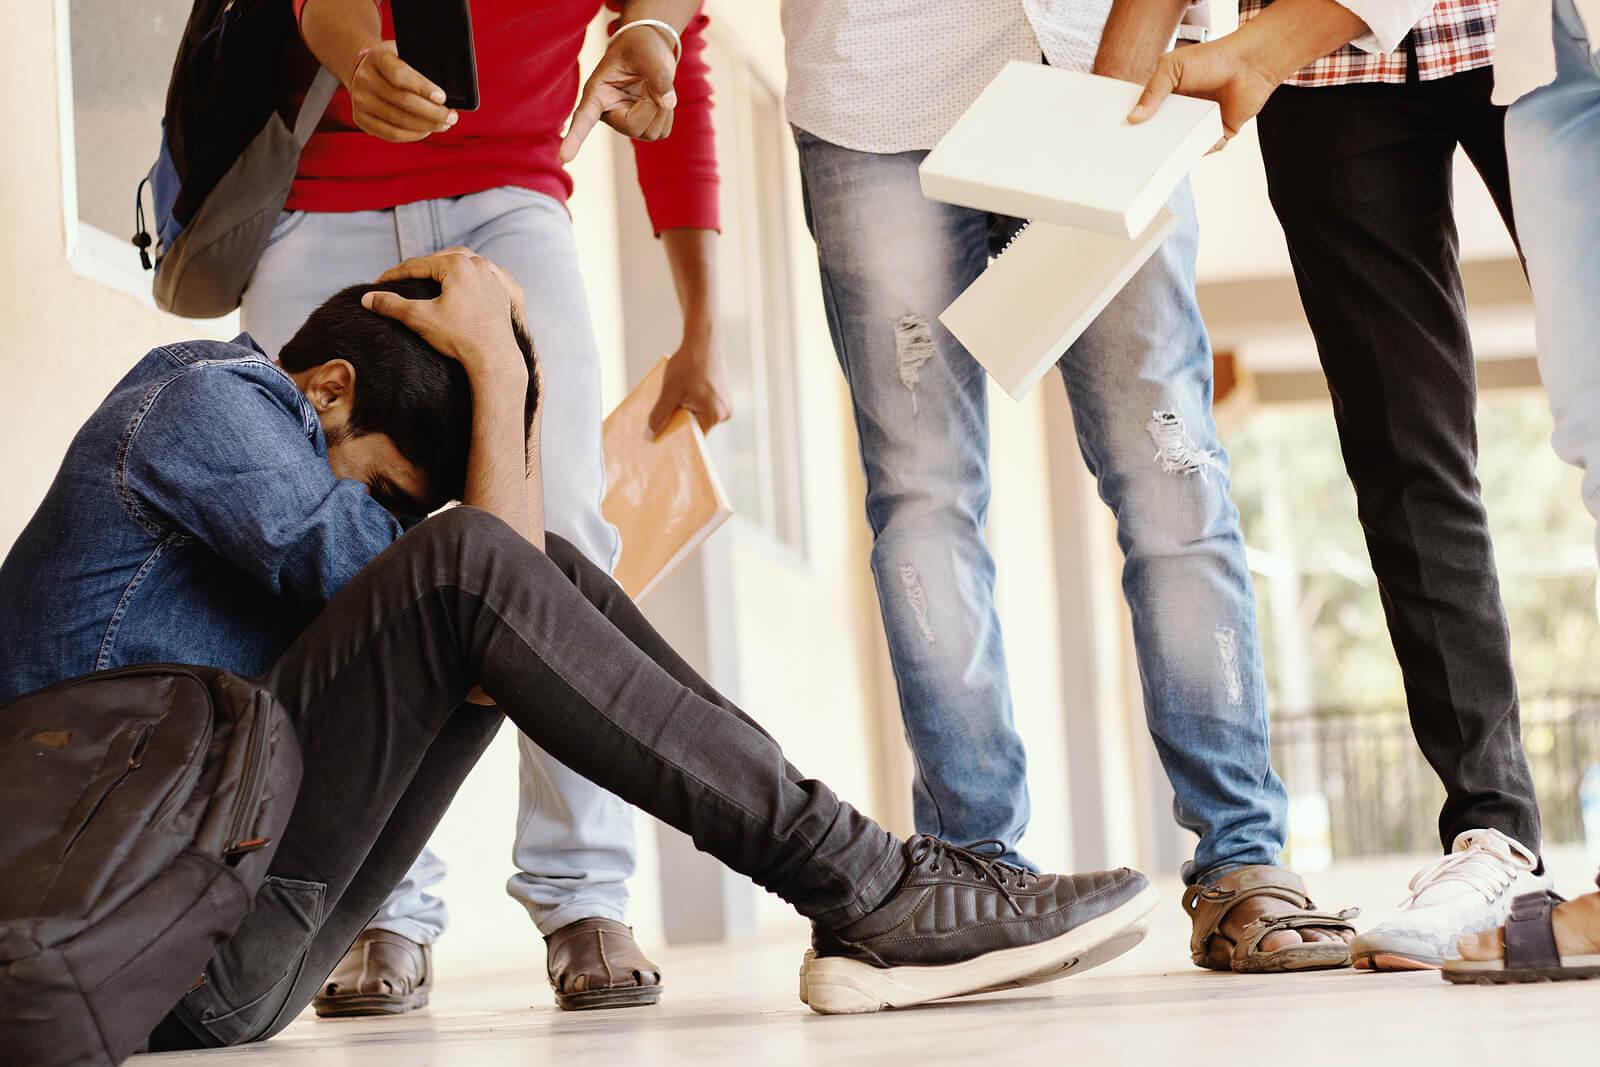 Adolescent victime de harcèlement par ses camarades de classe.